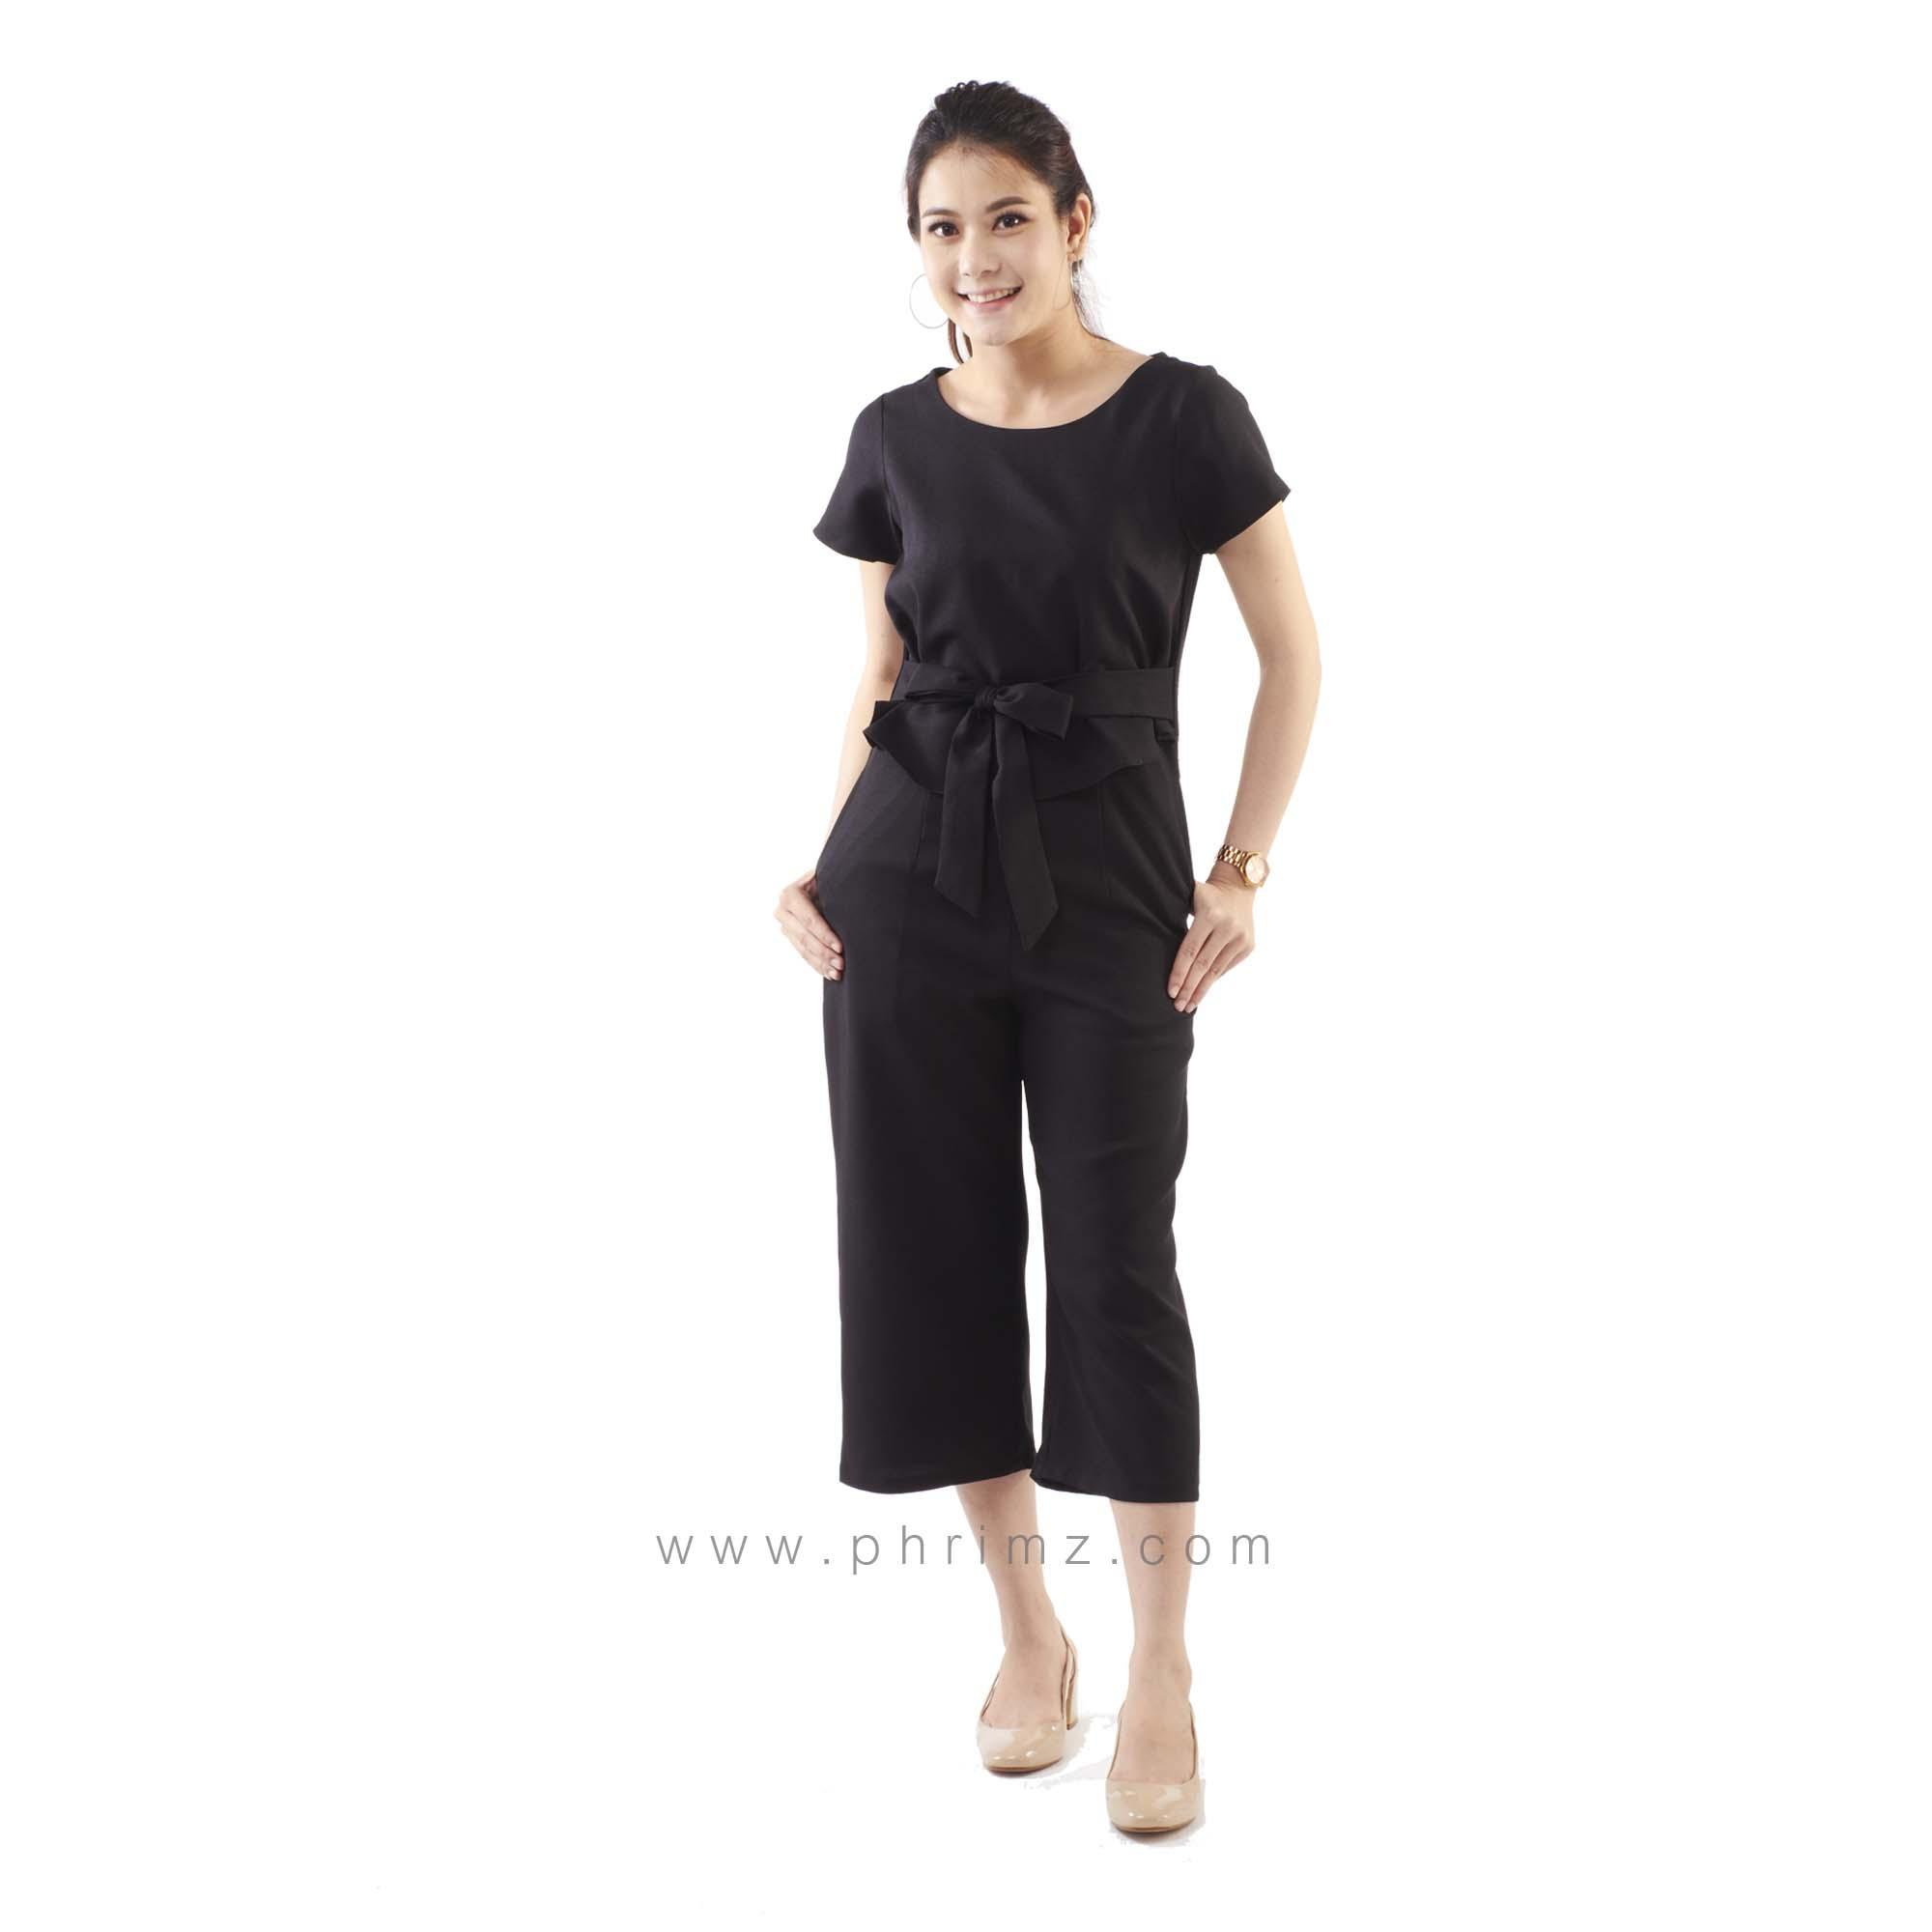 ชุดให้นม Phrimz : Jazzi Breastfeeding Jumpsuit - Black สีดำ